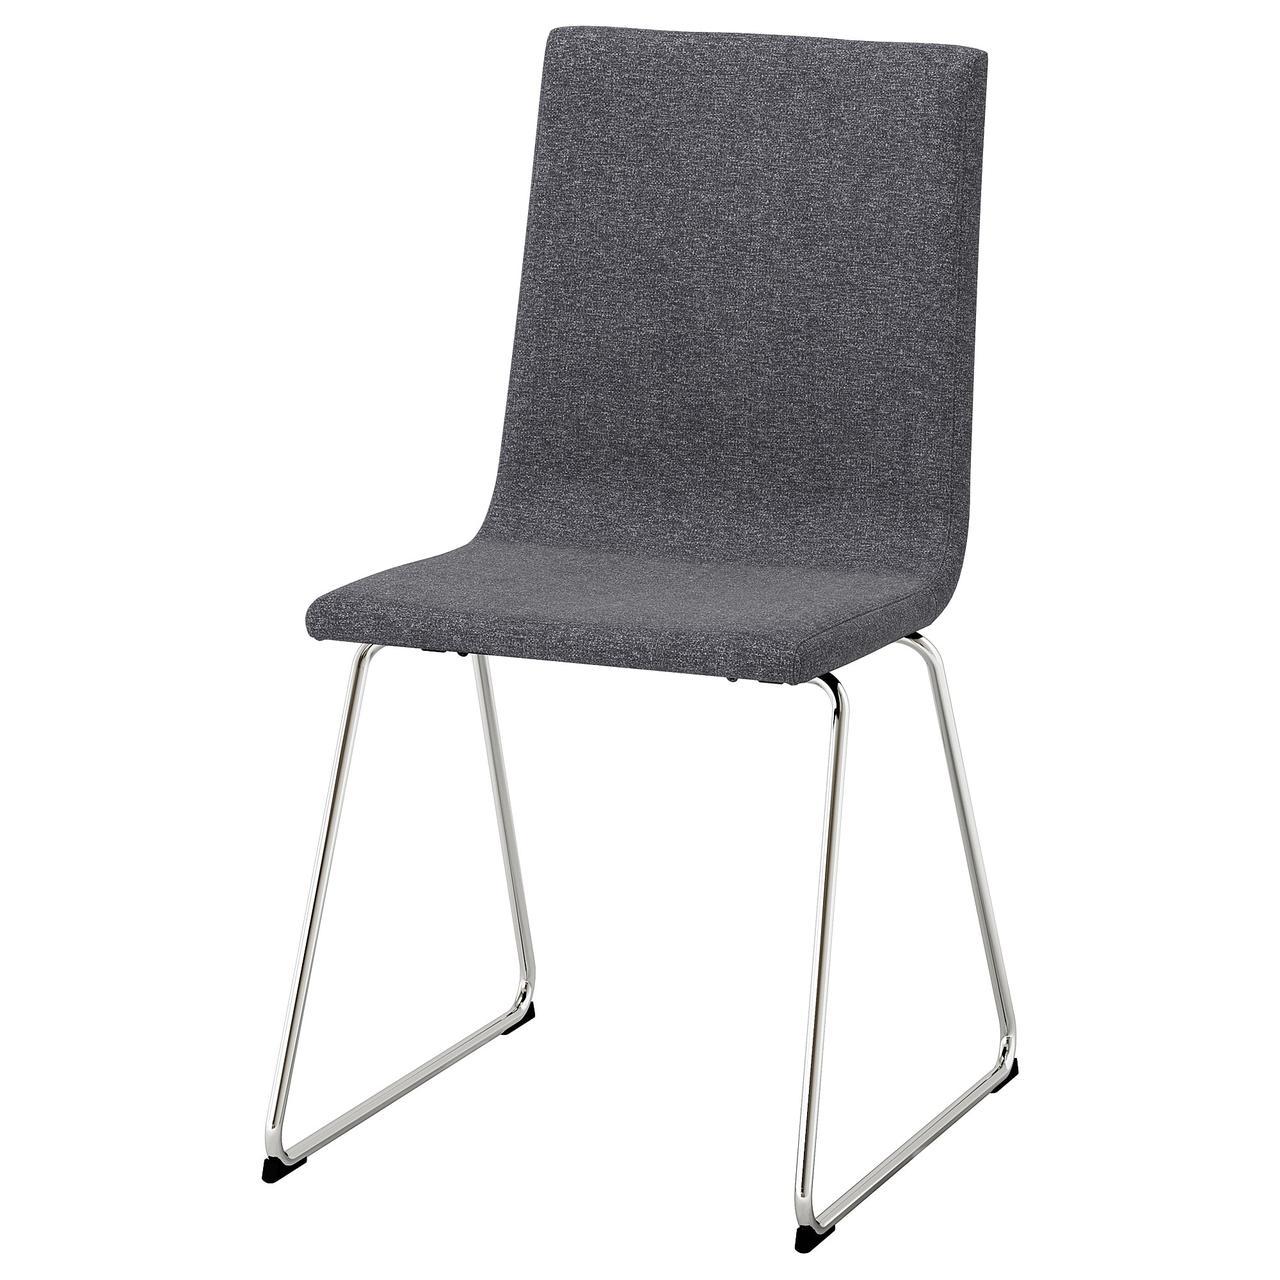 Кресло кухонное IKEA VOLFGANG Gunnared серое 804.046.72